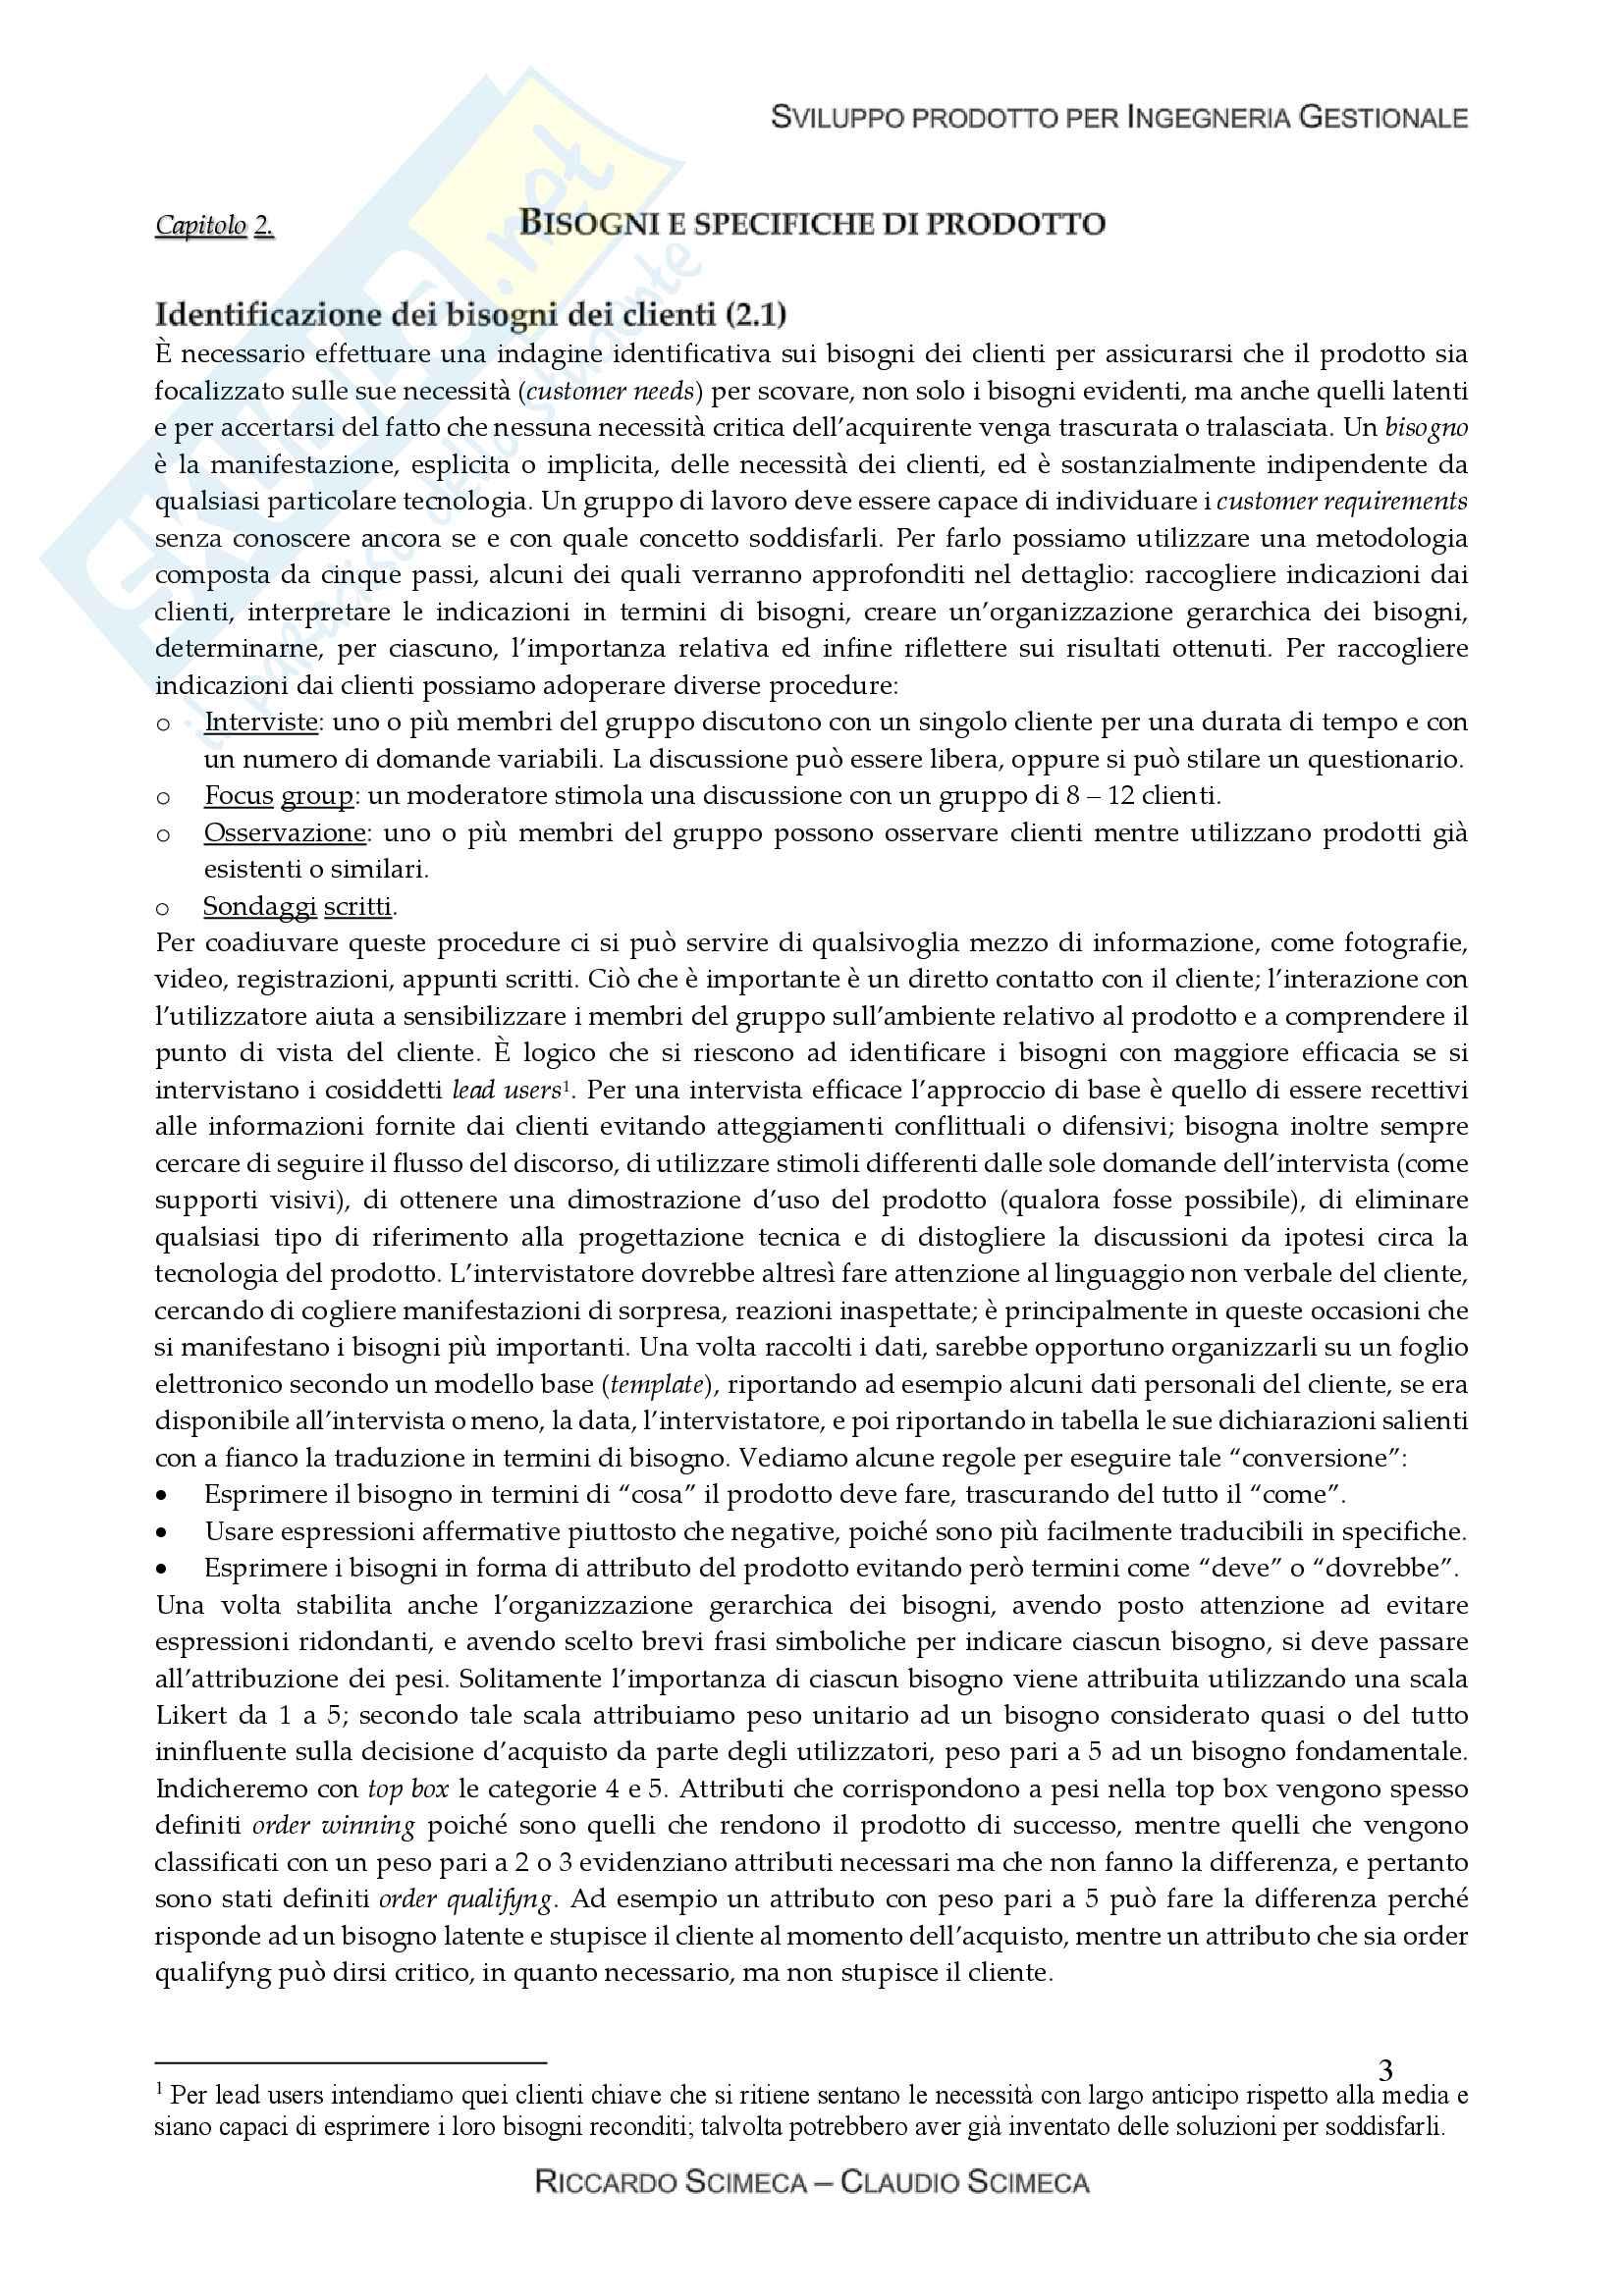 Ingegnerizzazione e sviluppo prodotto Pag. 6